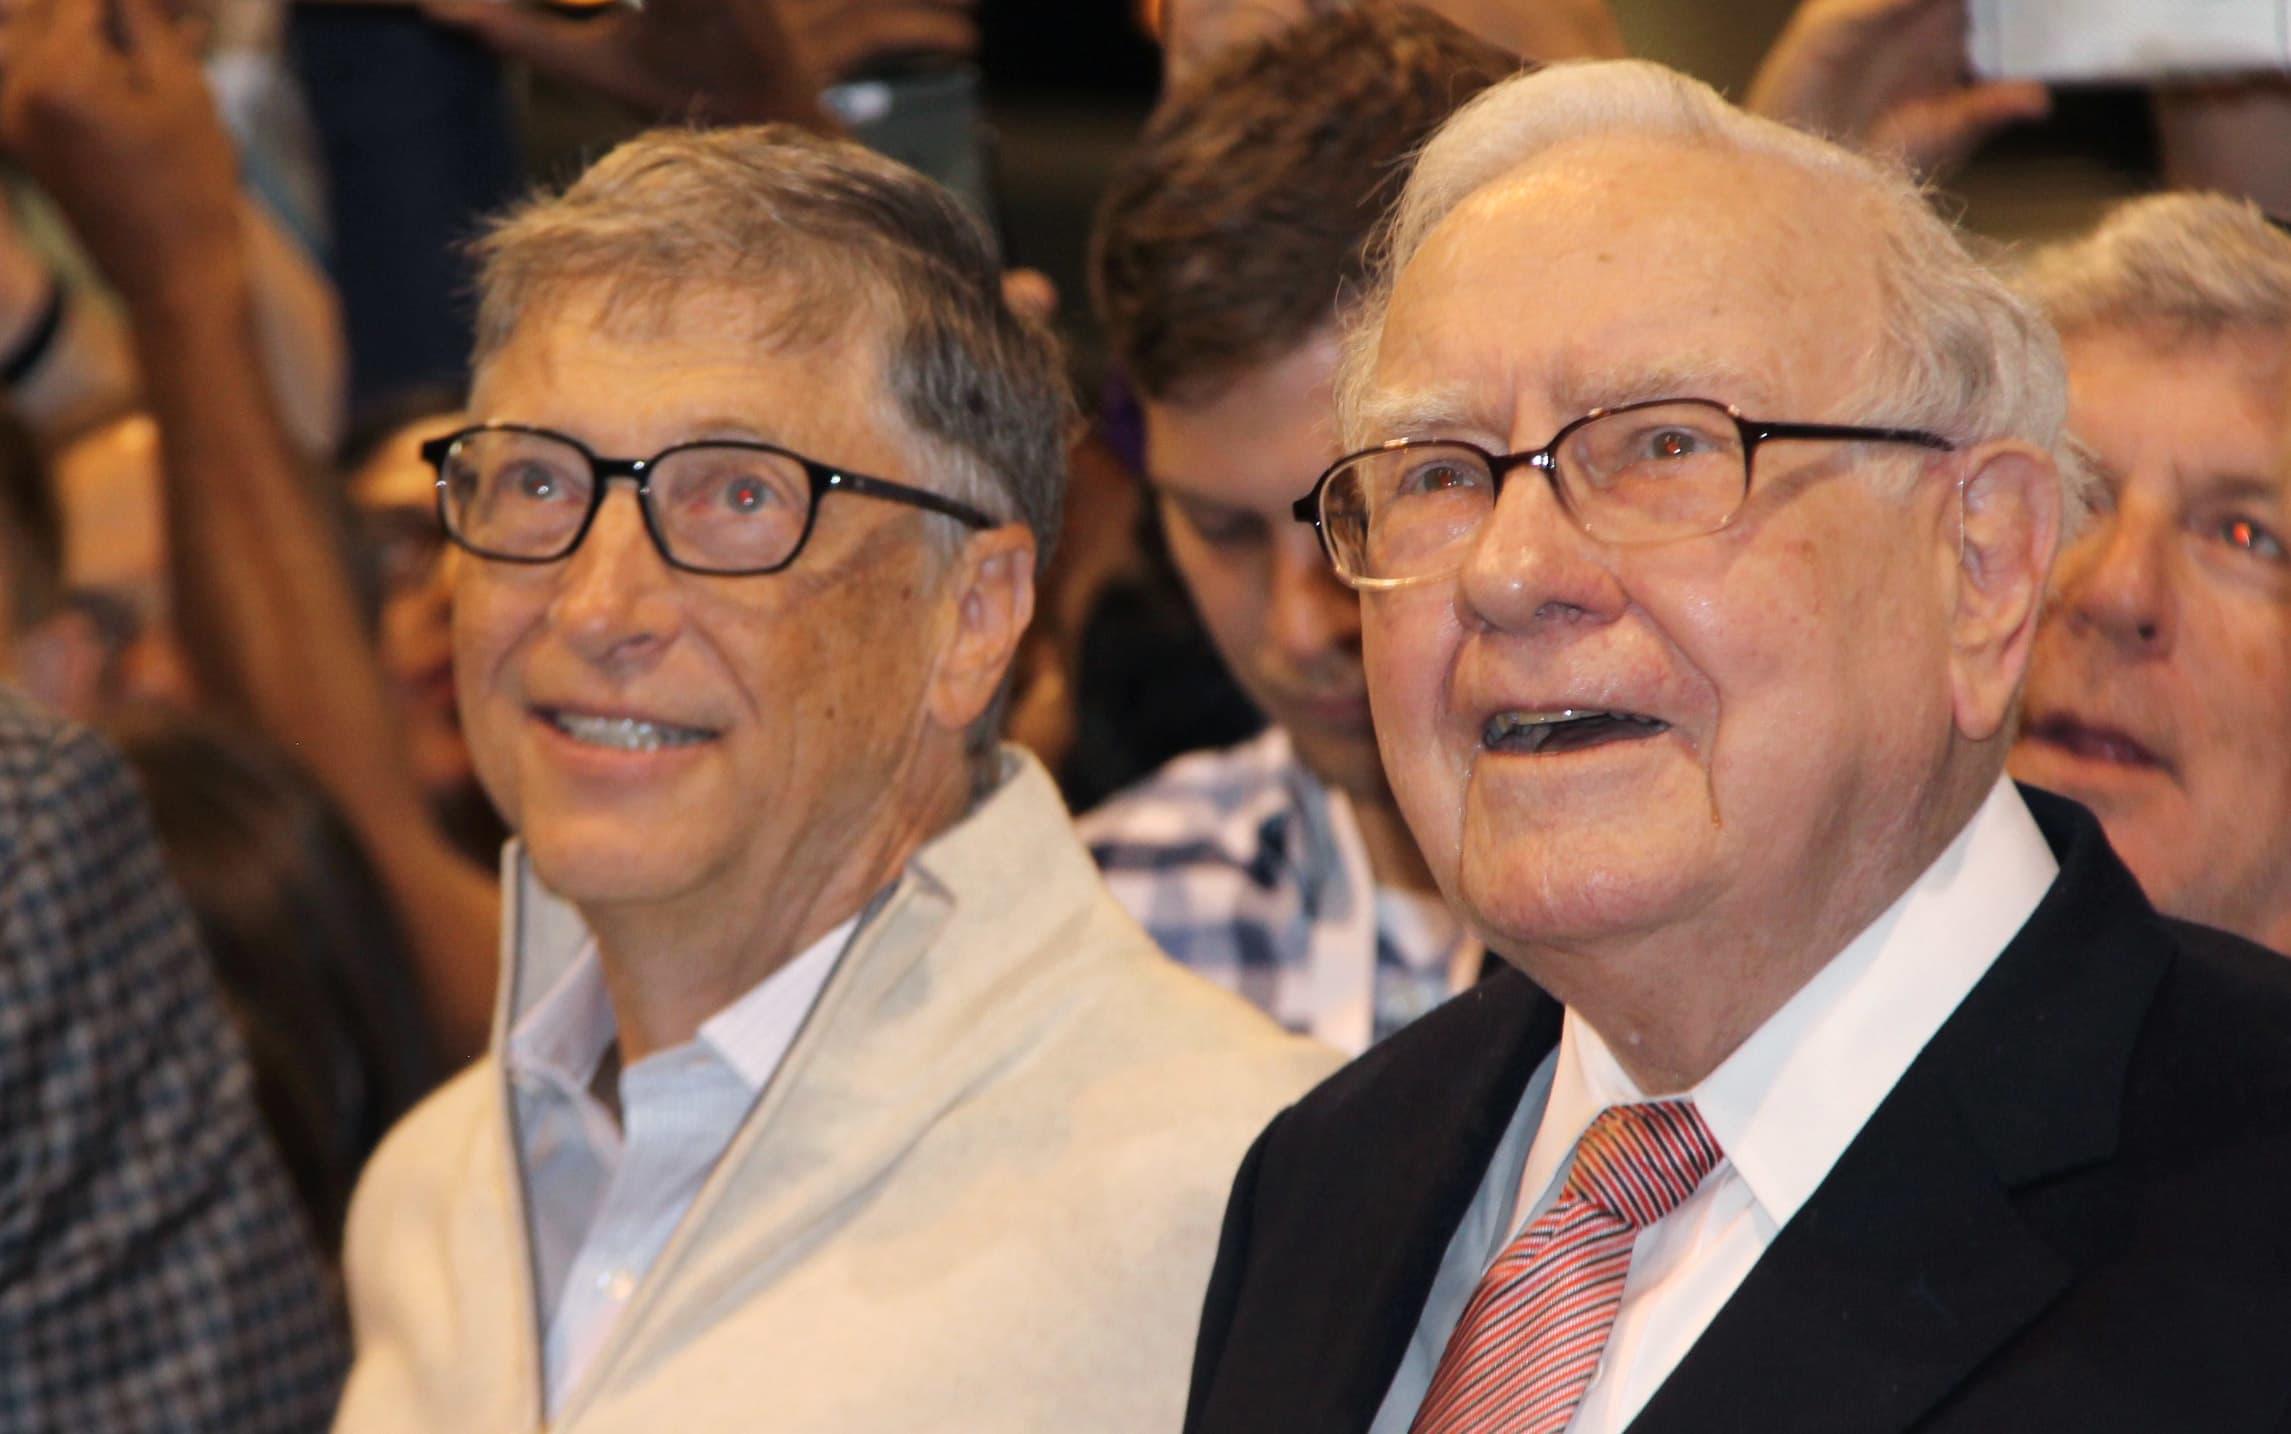 Bill Gates: 'I didn't even want to meet Warren Buffett' —but their first dinner conversation changed everything